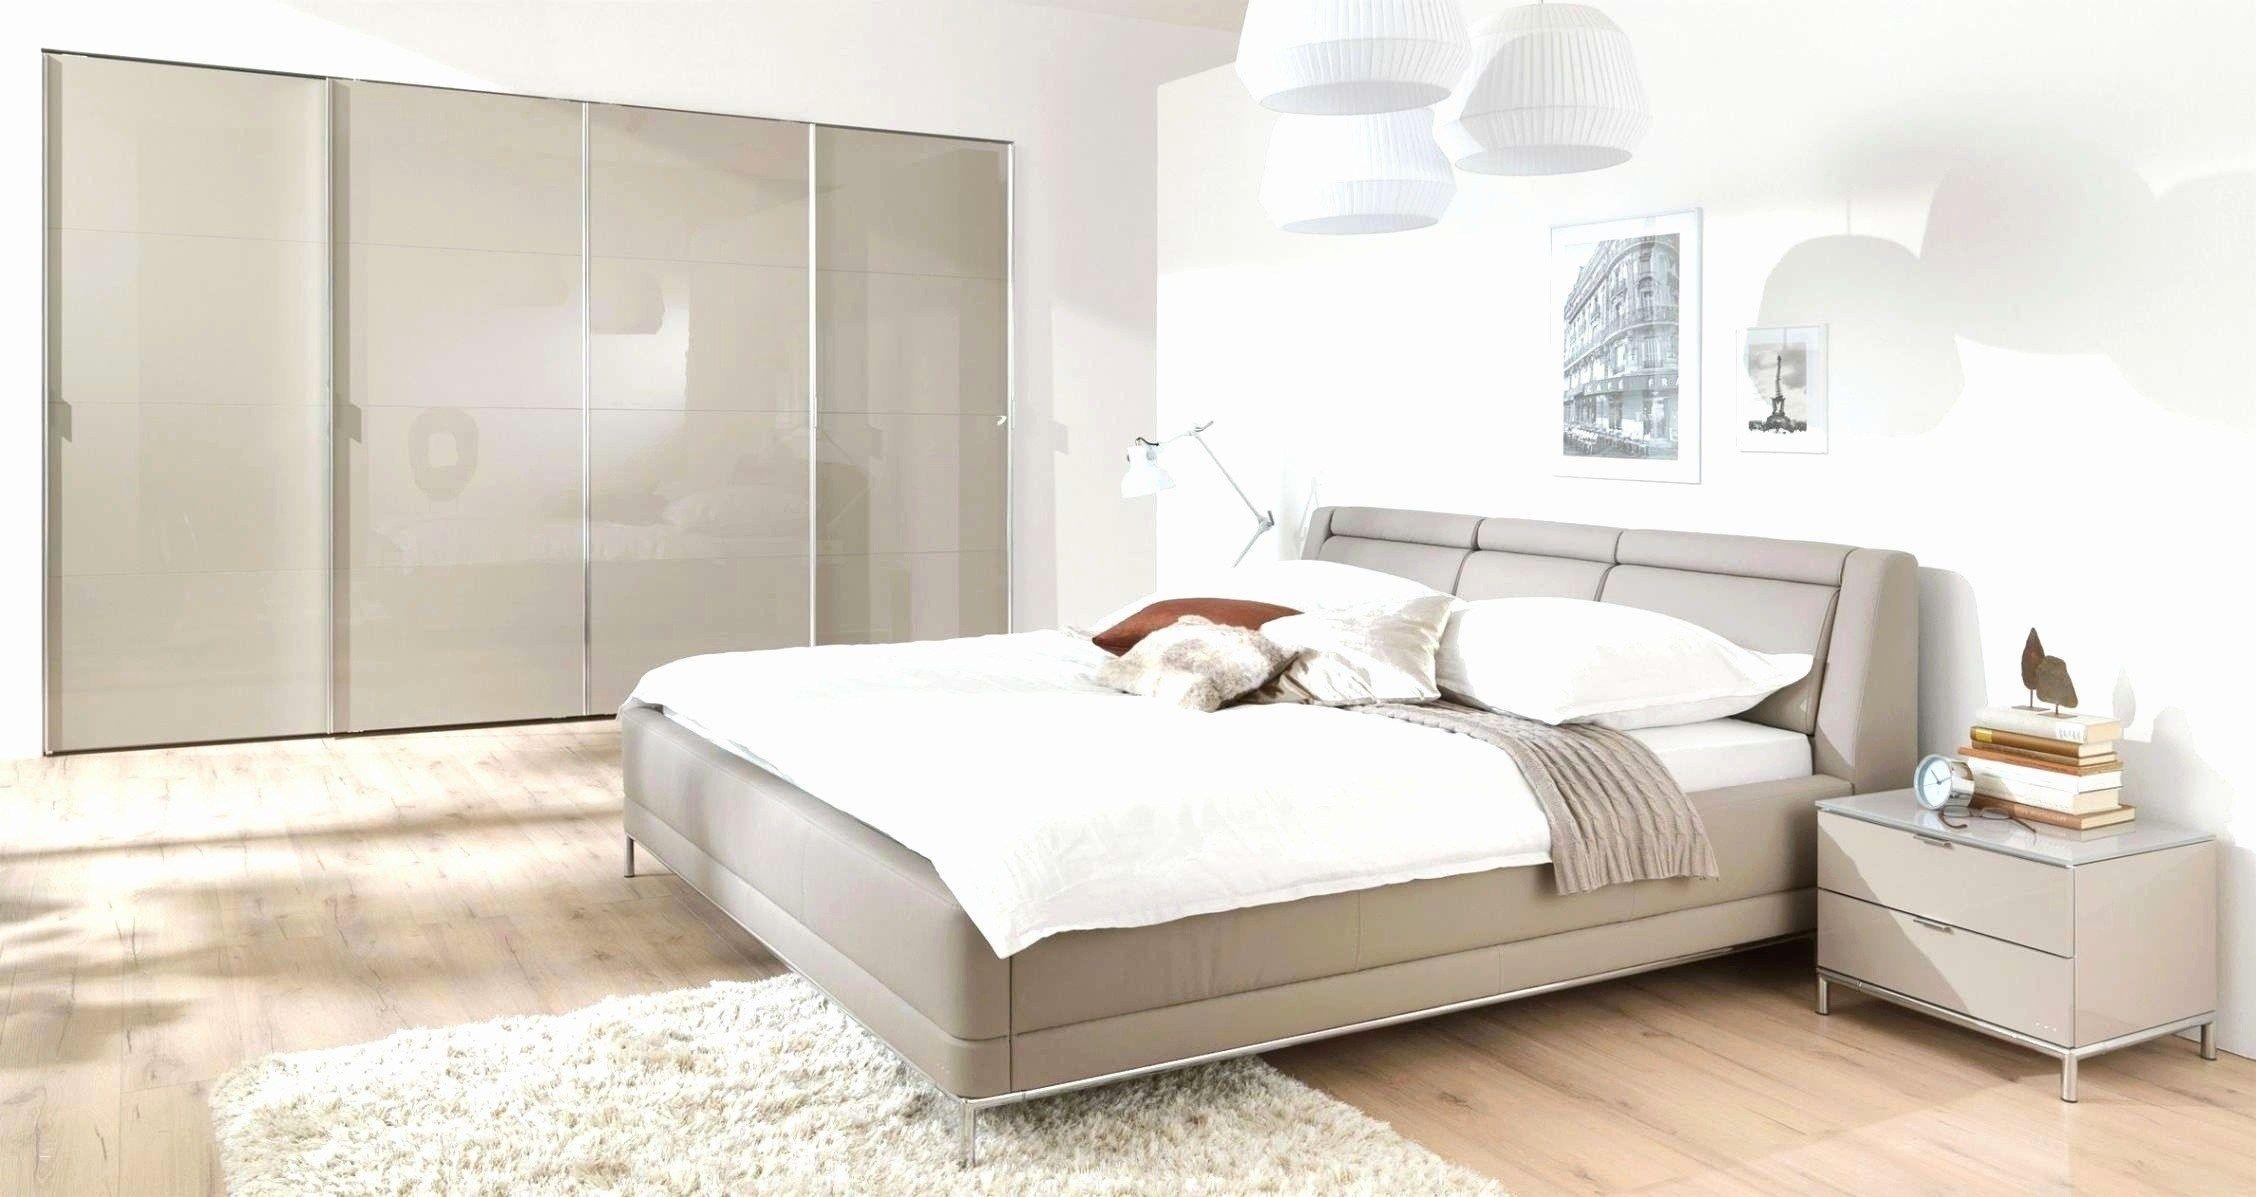 Full Size of Nolte Schlafzimmer Günstige Komplett Lampe Deckenleuchte Stehlampe Sitzbank Günstig Teppich Schränke Eckschrank Kommode Wandtattoos Rauch Komplettangebote Schlafzimmer Nolte Schlafzimmer